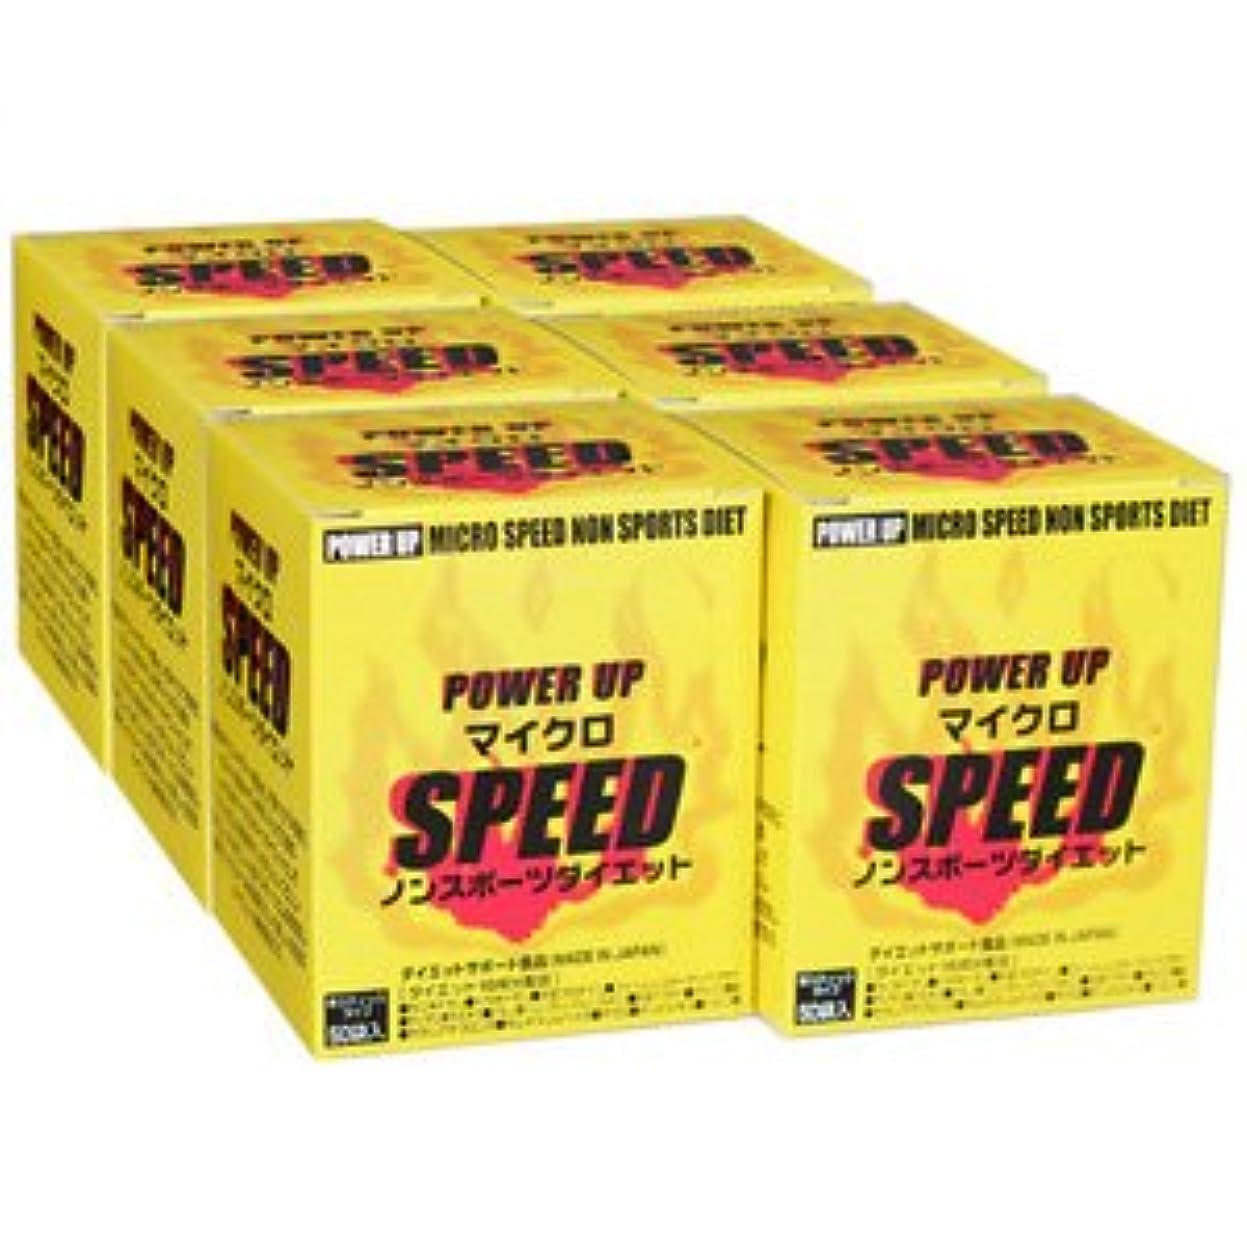 等価コスト送信するマイクロスピードノンスポーツダイエット 6箱